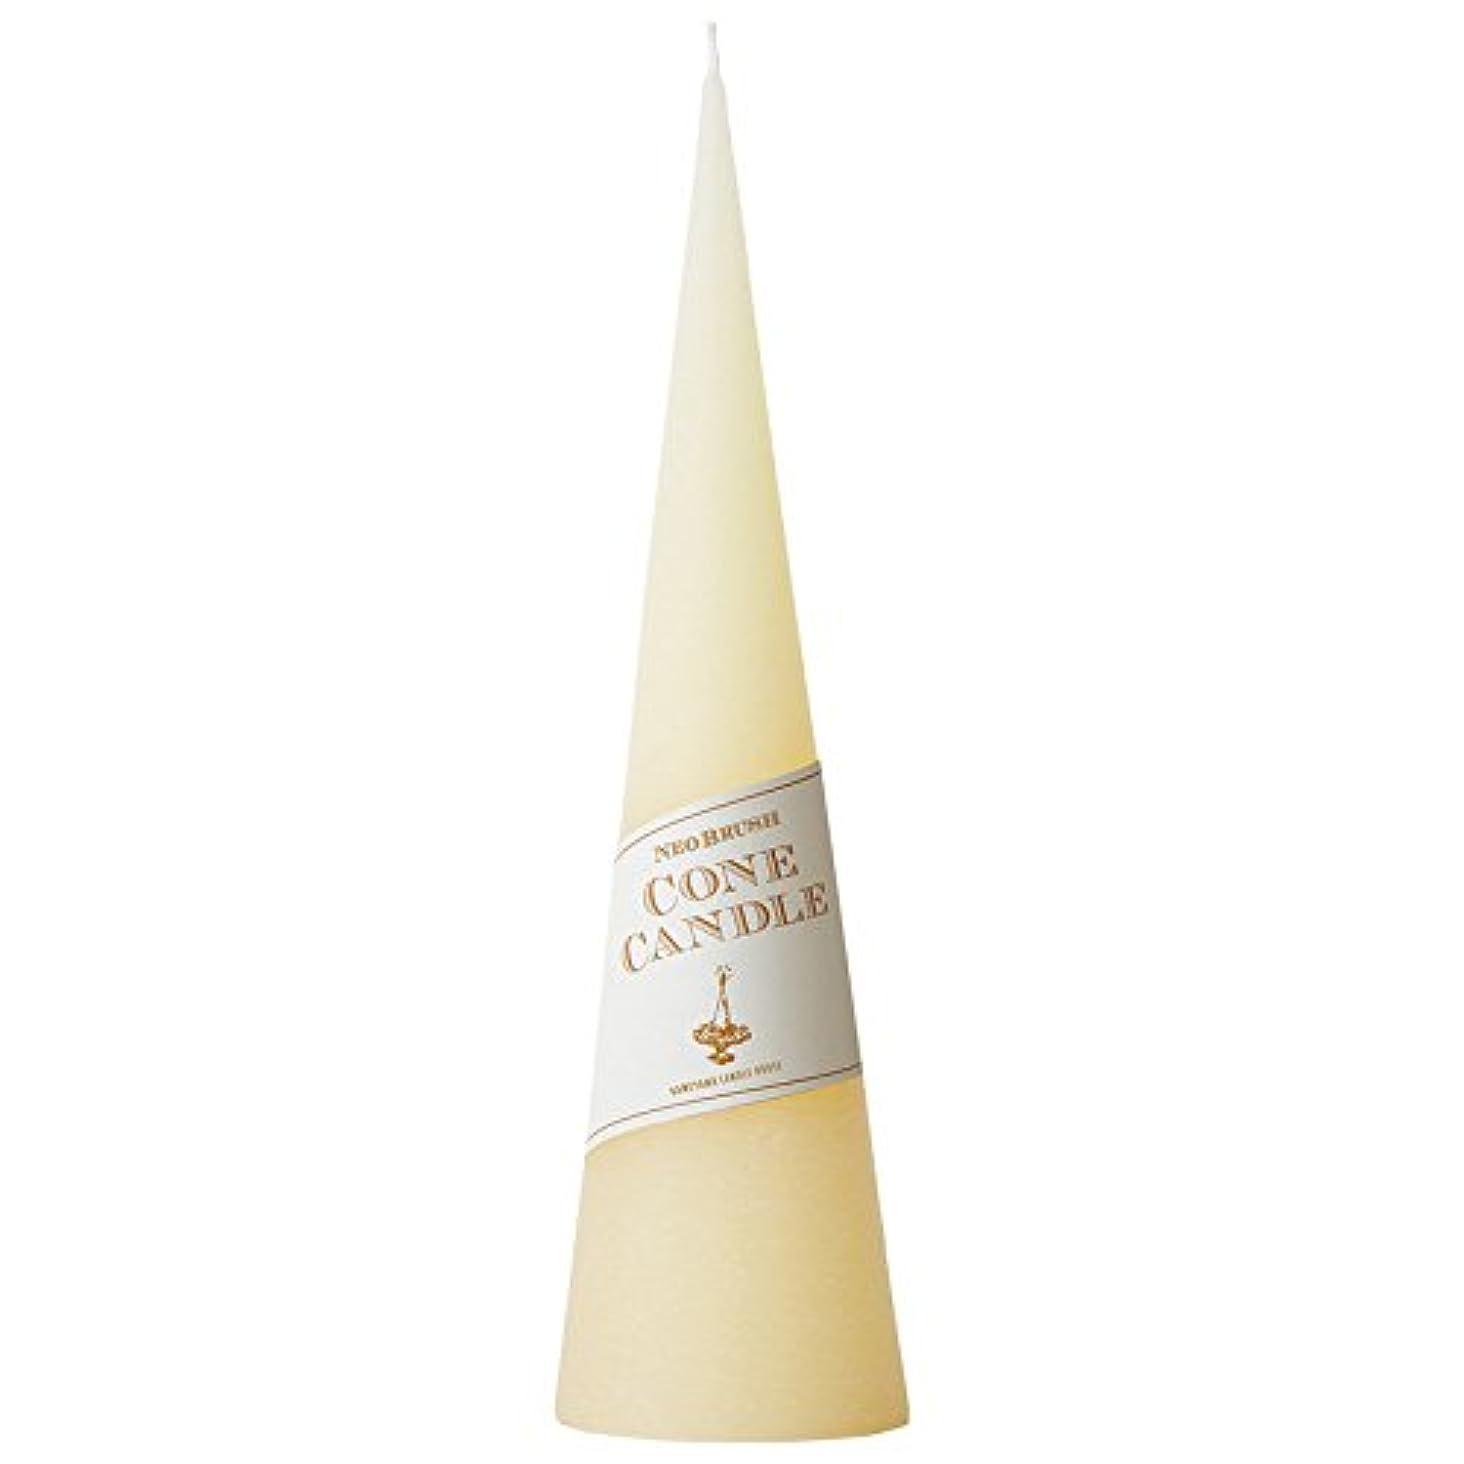 ラベンダー爆風ポーンカメヤマキャンドルハウス ネオブラッシュコーン キャンドル 230mm アイボリー